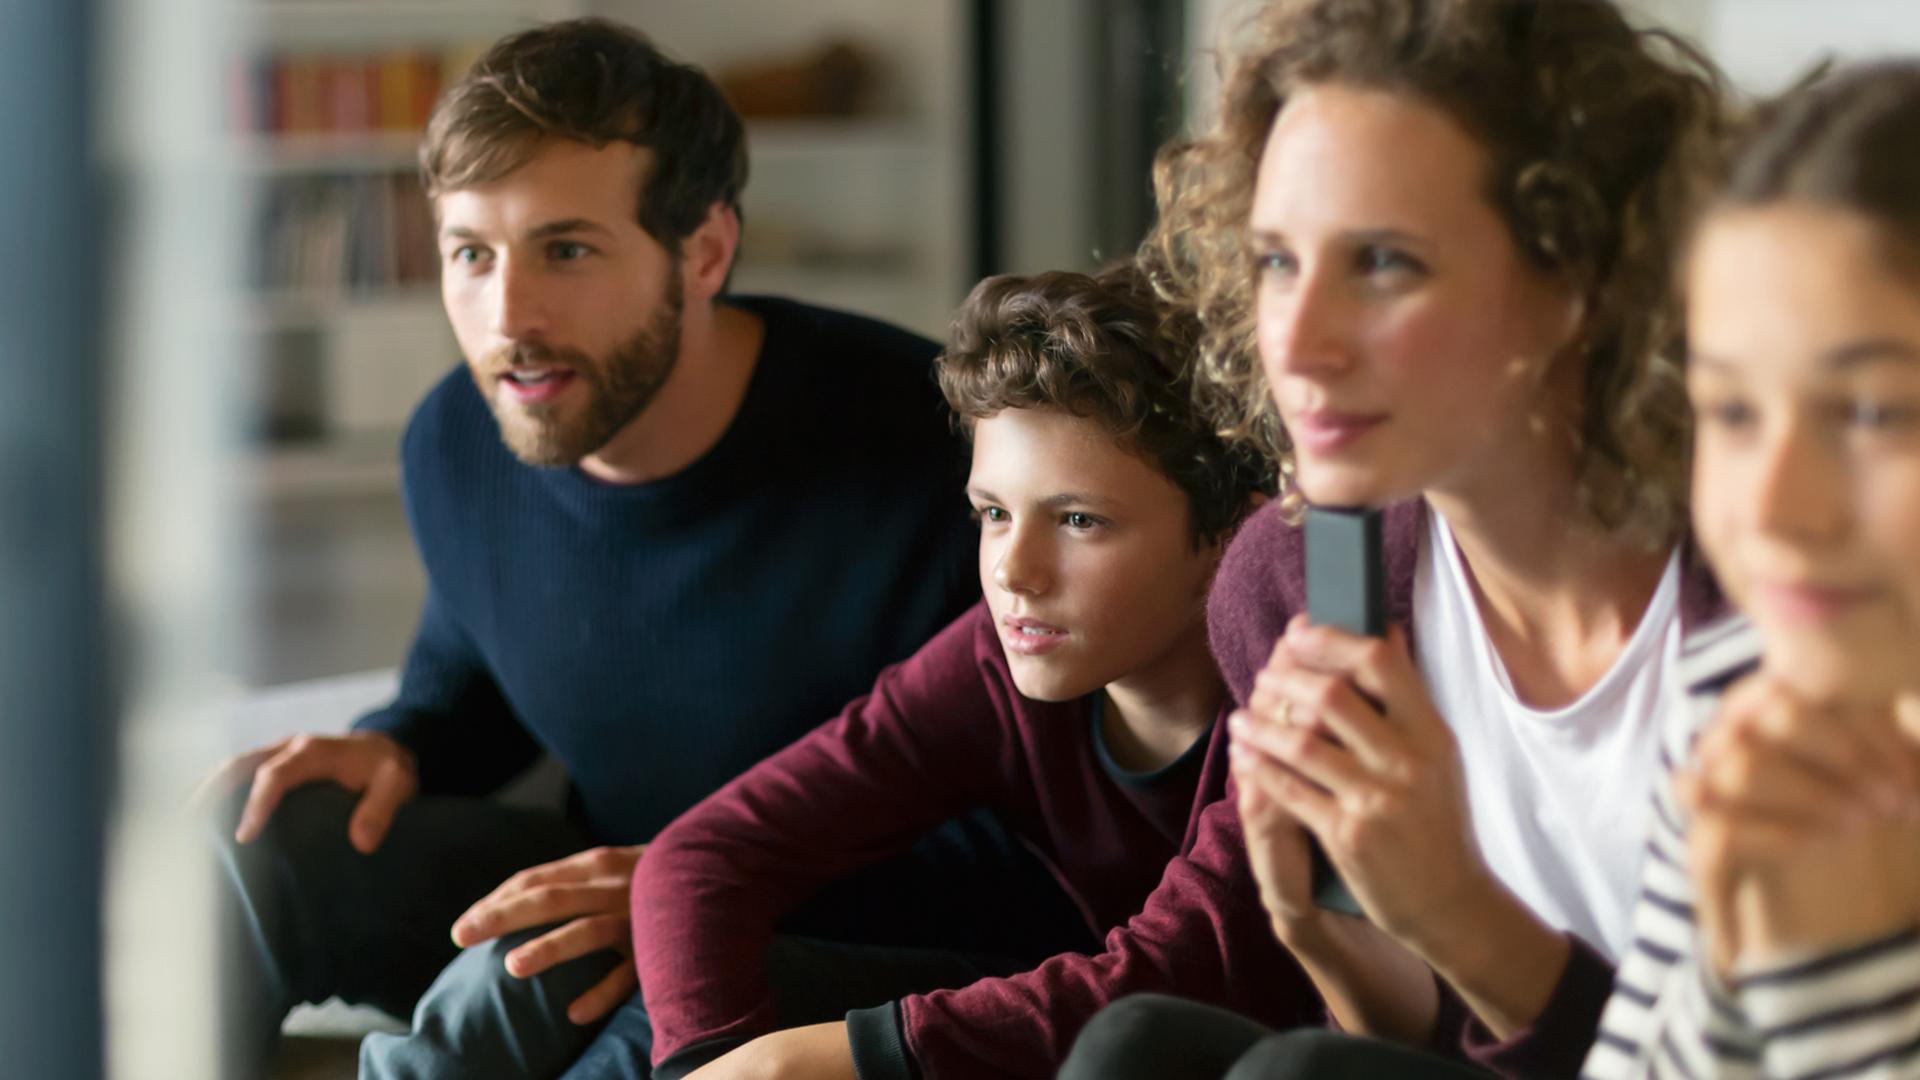 Vater, Mutter, Sohn und Tochter schauen kostenlose GigaTV-Kids-Inhalte